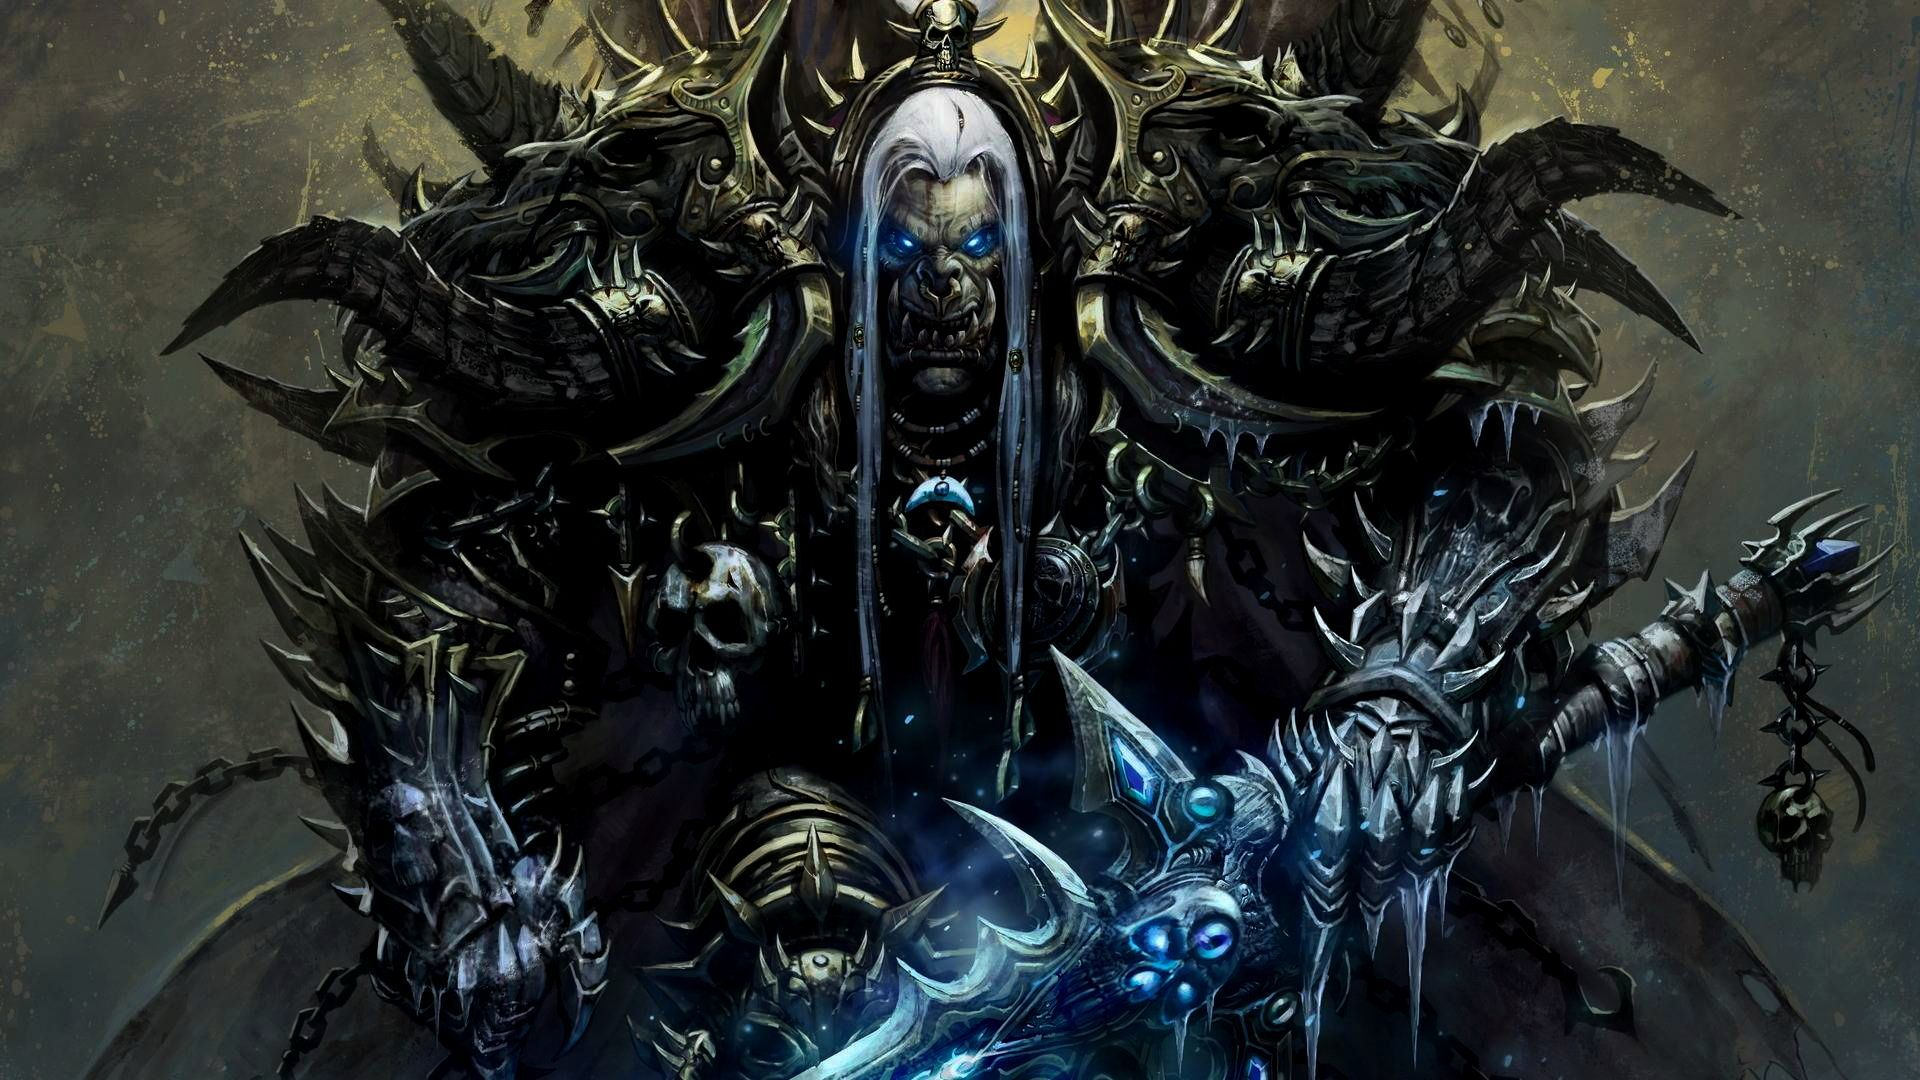 World Of Warcraft Hd Wallpapers Wallfree 100 Free High Definition Wallpaper High Definition Bac World Of Warcraft Wallpaper World Of Warcraft Death Knight